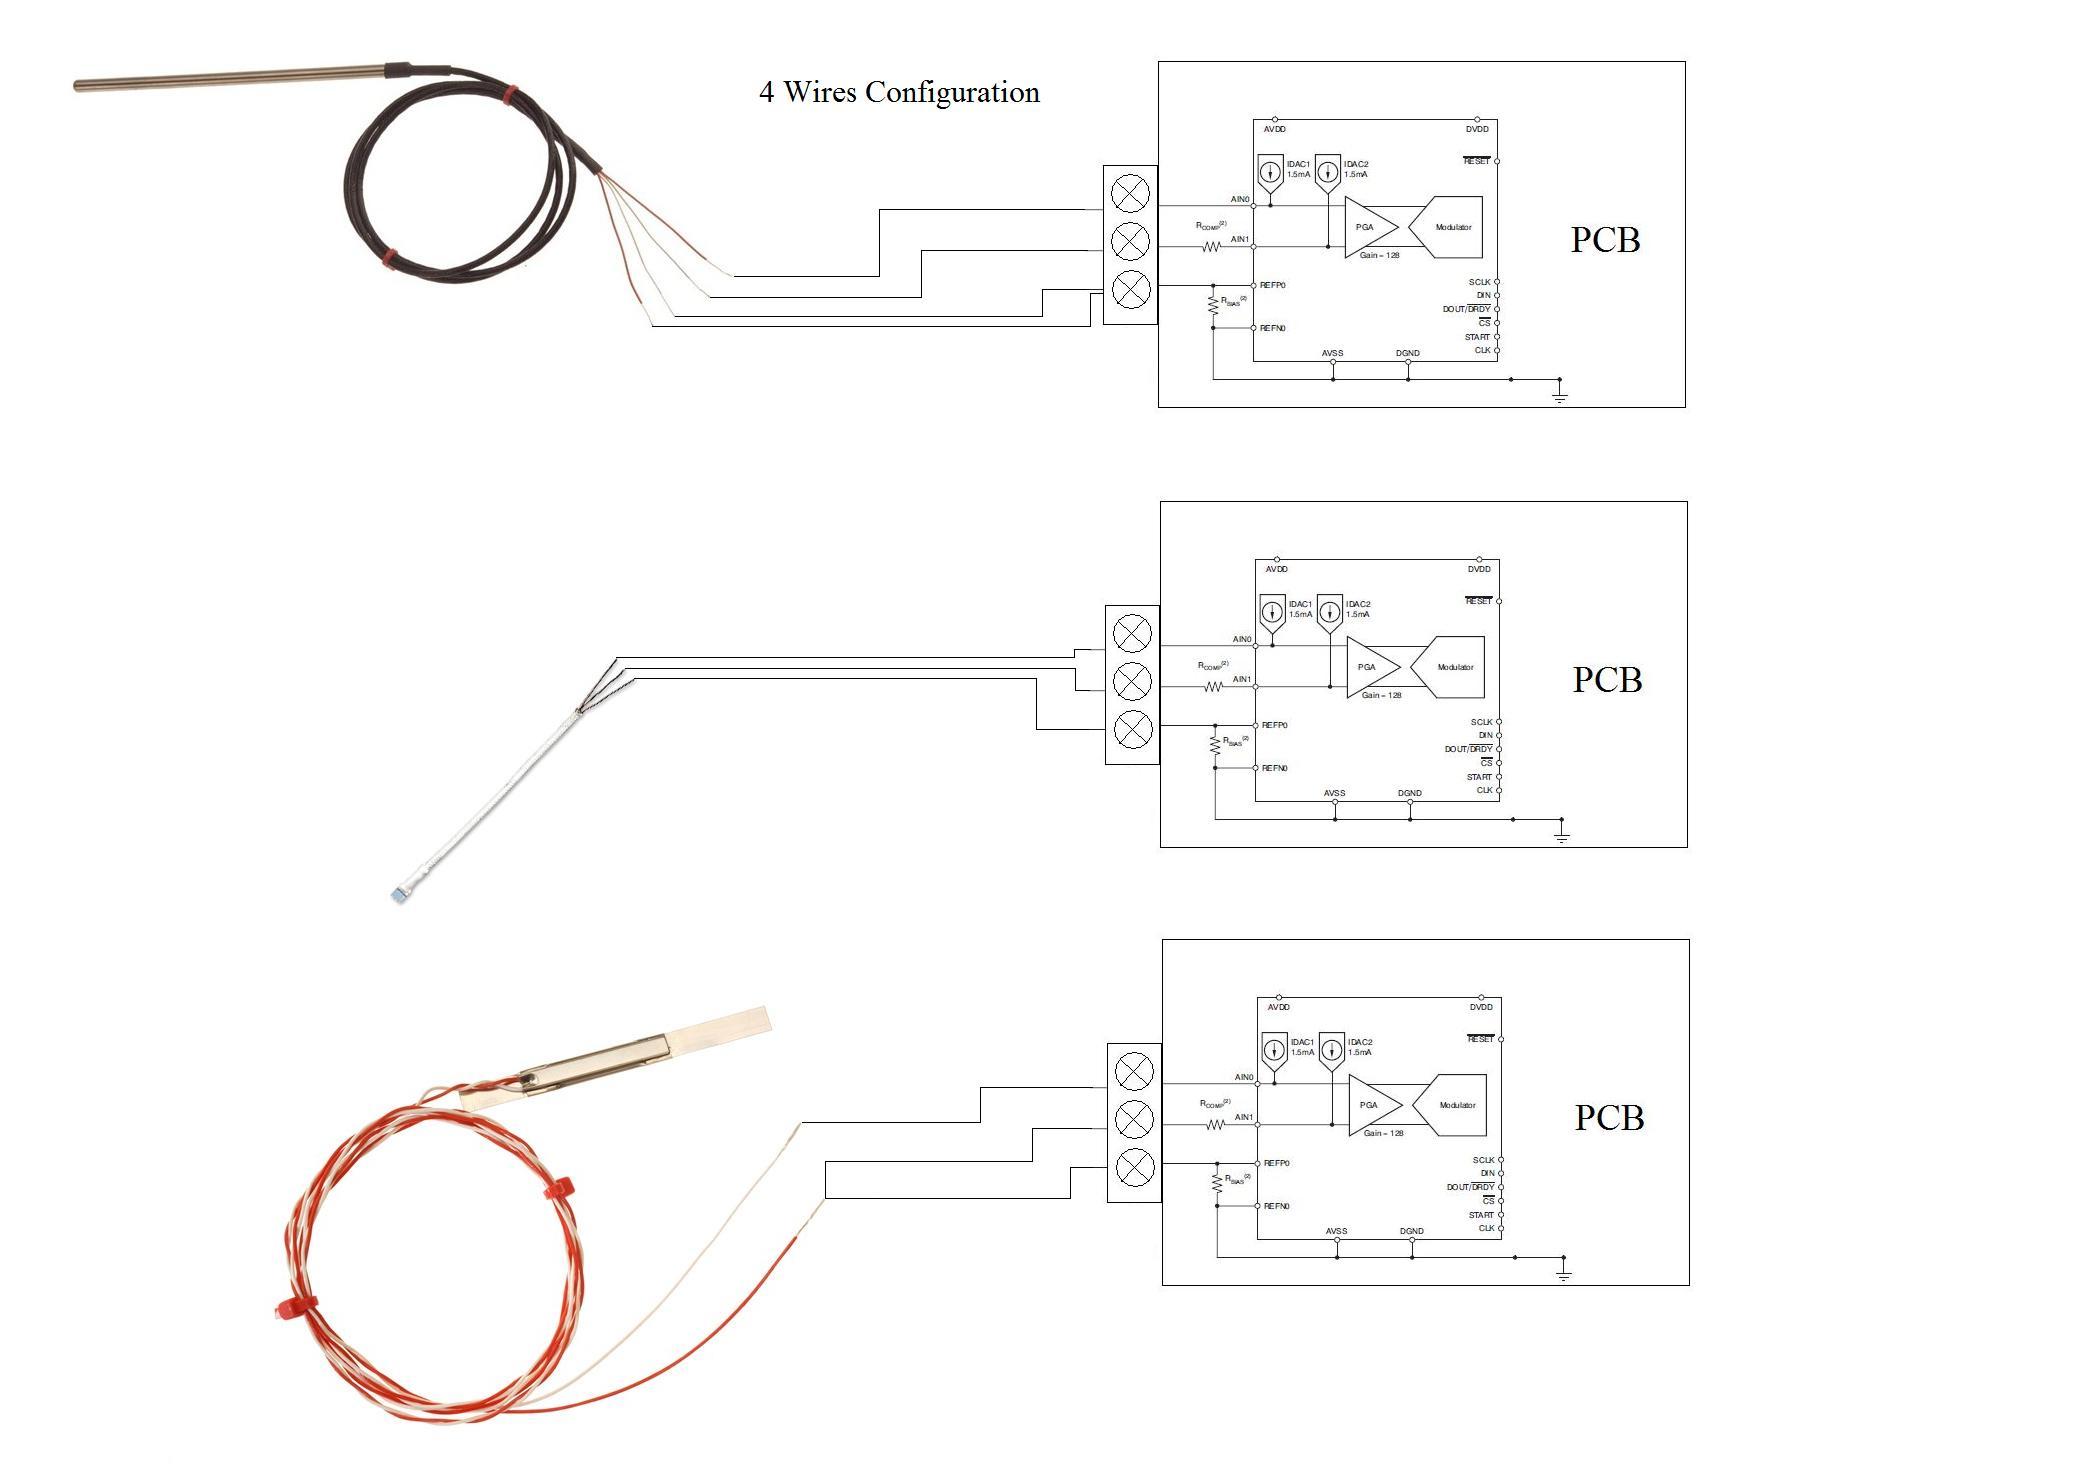 pt100 rtd wiring diagram 2004 wrx radio 3 wire gallery